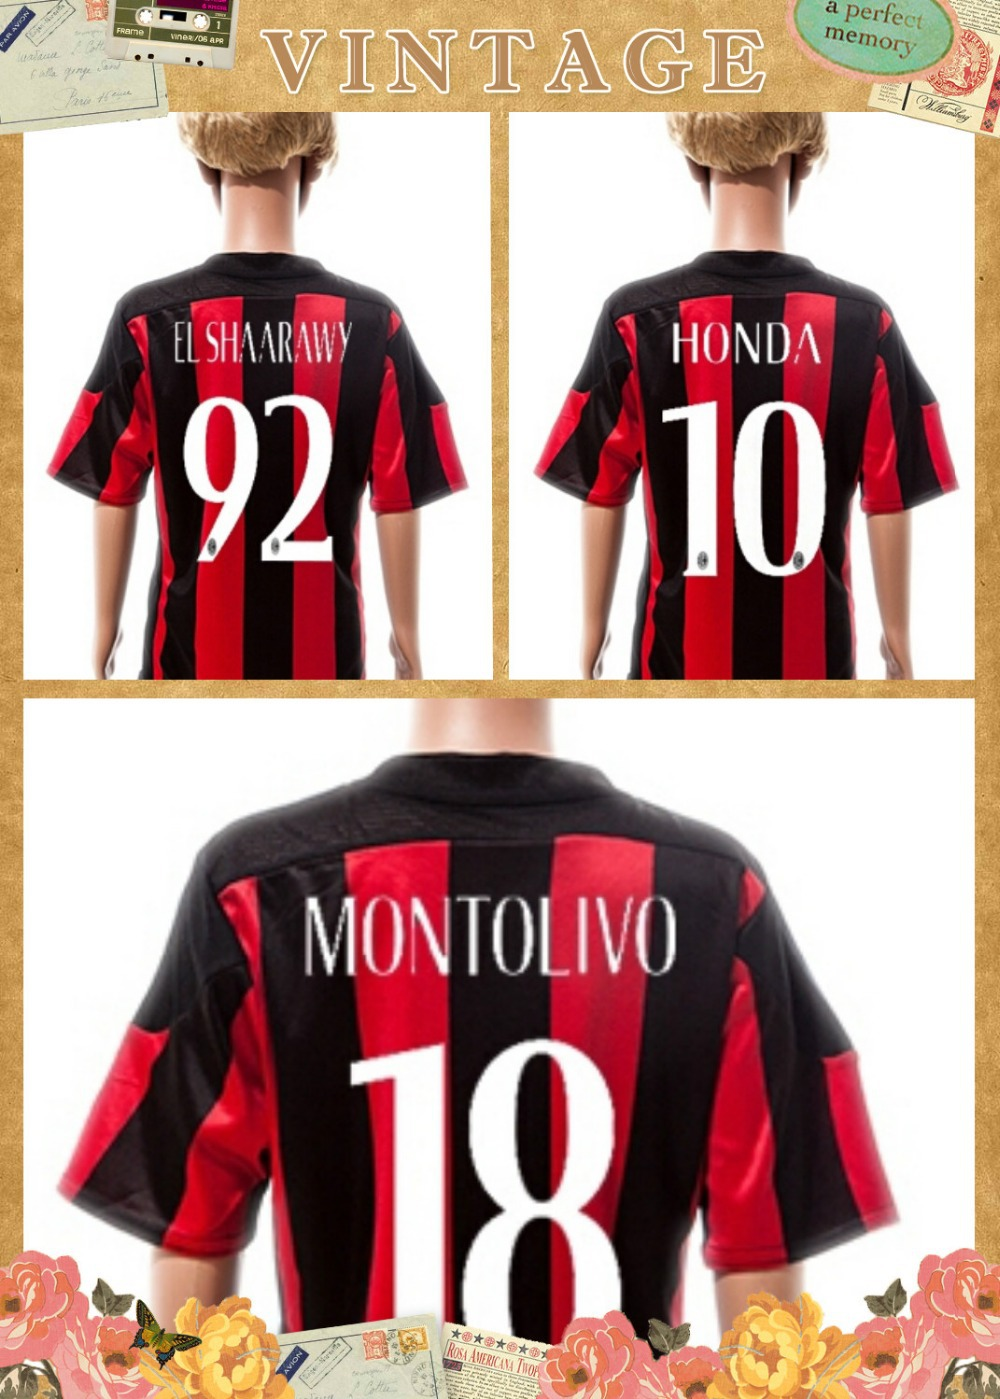 camisa EL SHAARAWY MONTOLIVO children jersey 14-15 camiseta AC Milan infantil soccer boy football uniform kits Ac milan kids(China (Mainland))